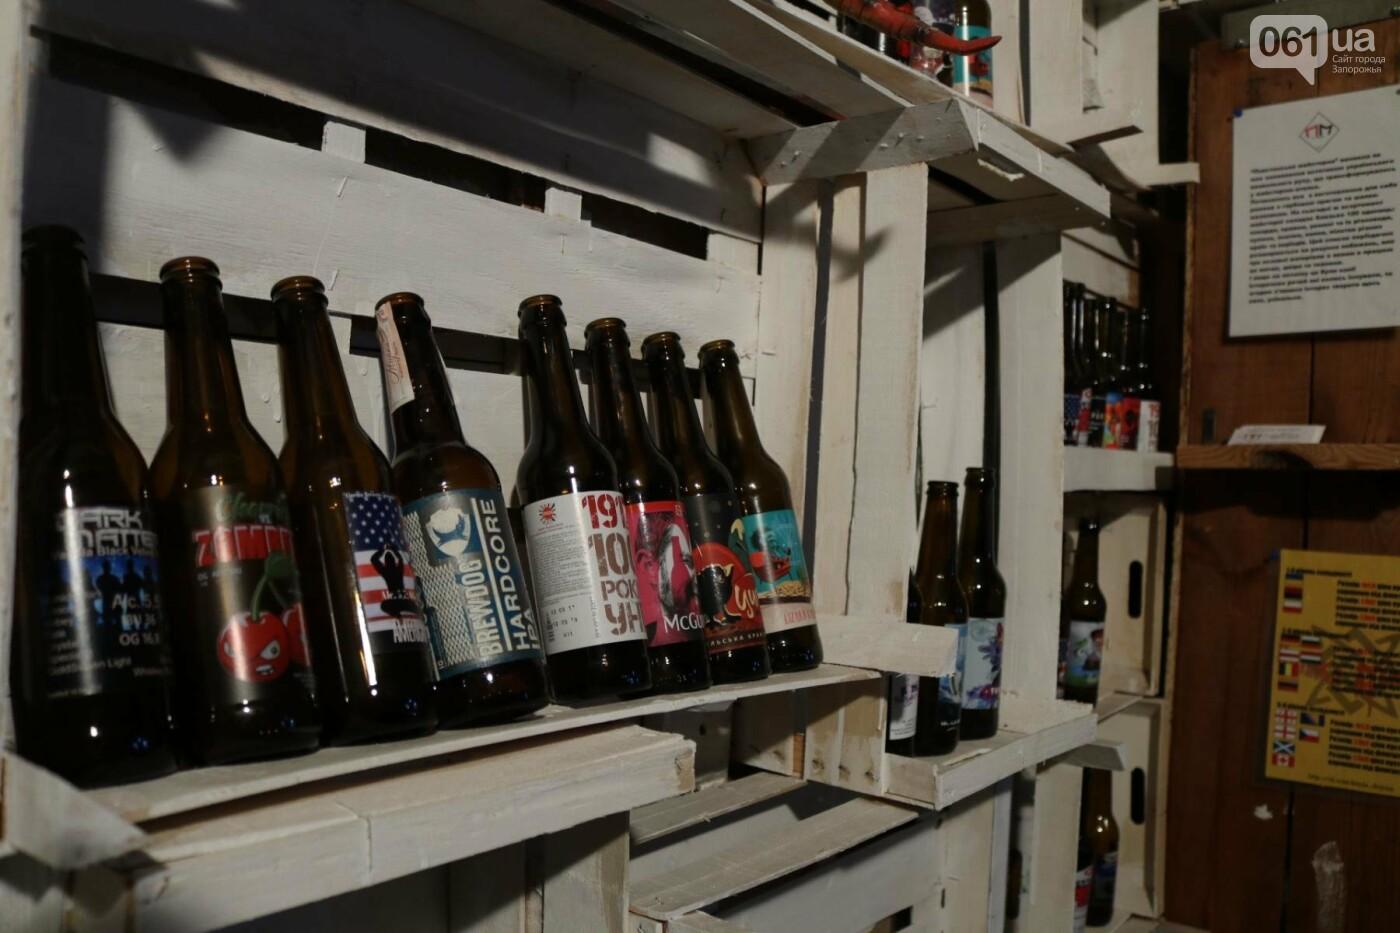 Как в Запорожье проходит фестиваль крафтового пива, - ФОТОРЕПОРТАЖ , фото-21